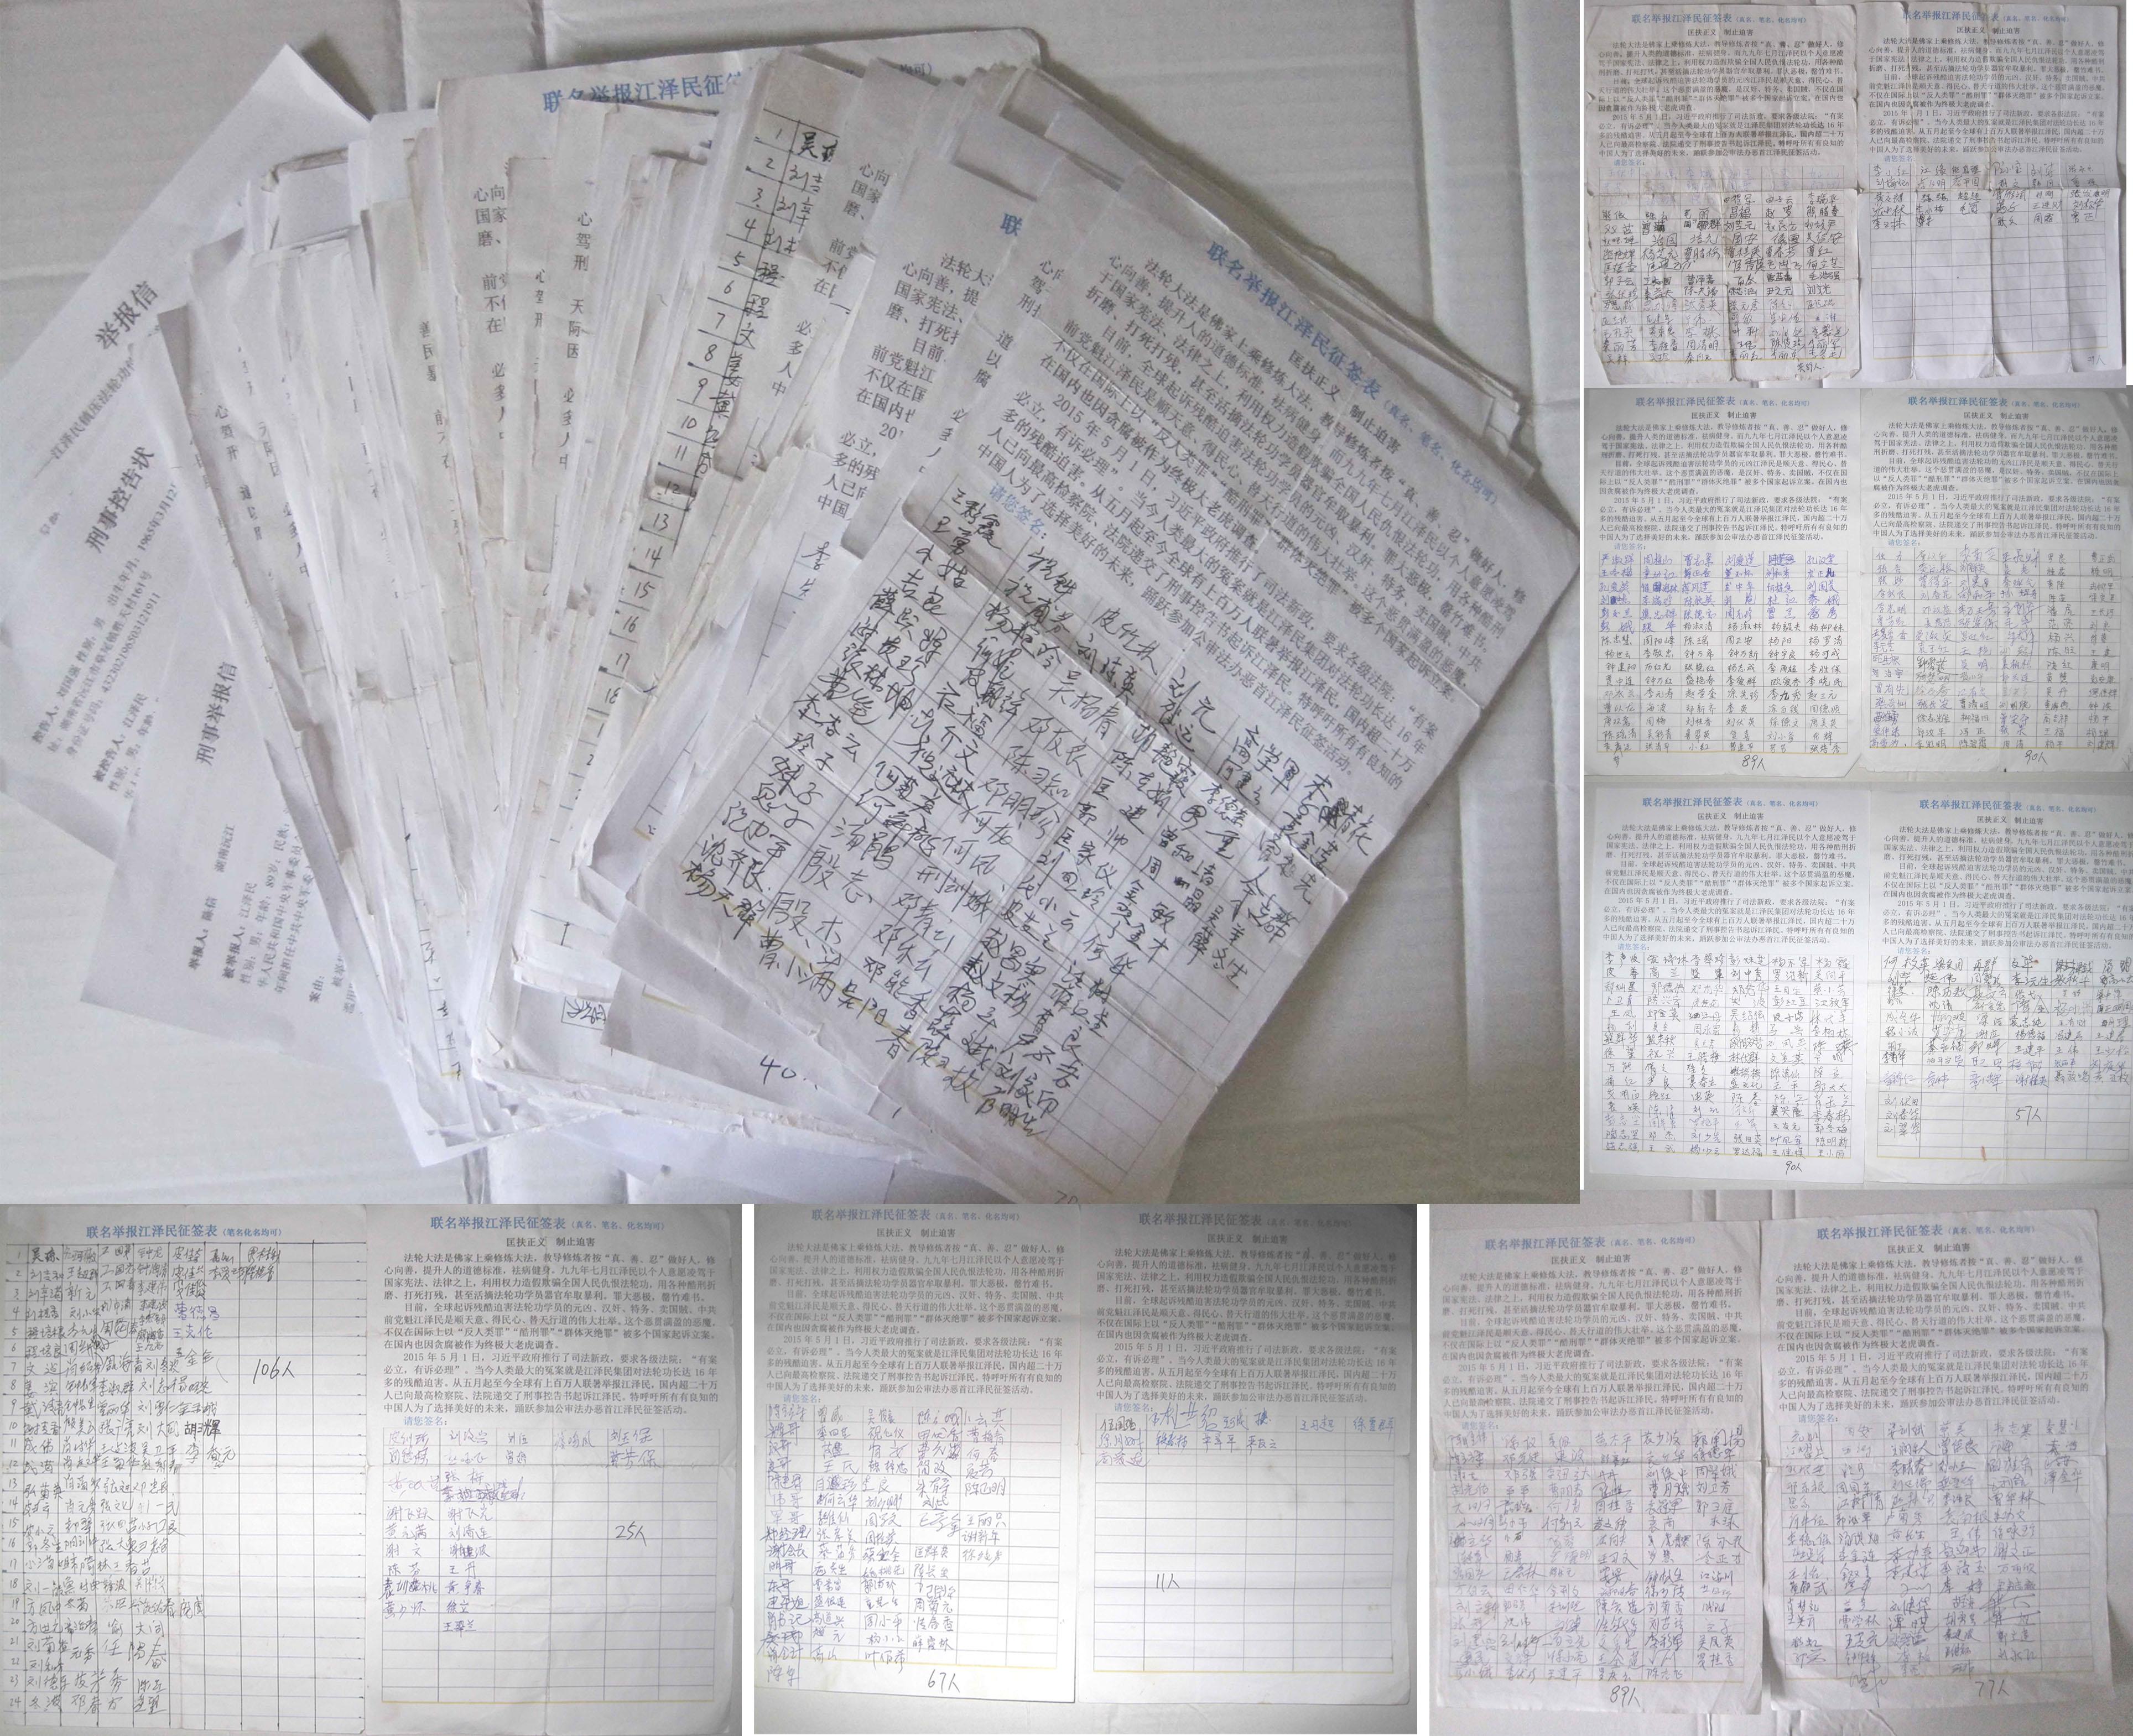 截至2016年6月15日,湖南沅江地区12,363人签名举报江泽民。图为部分征签表。(明慧网)